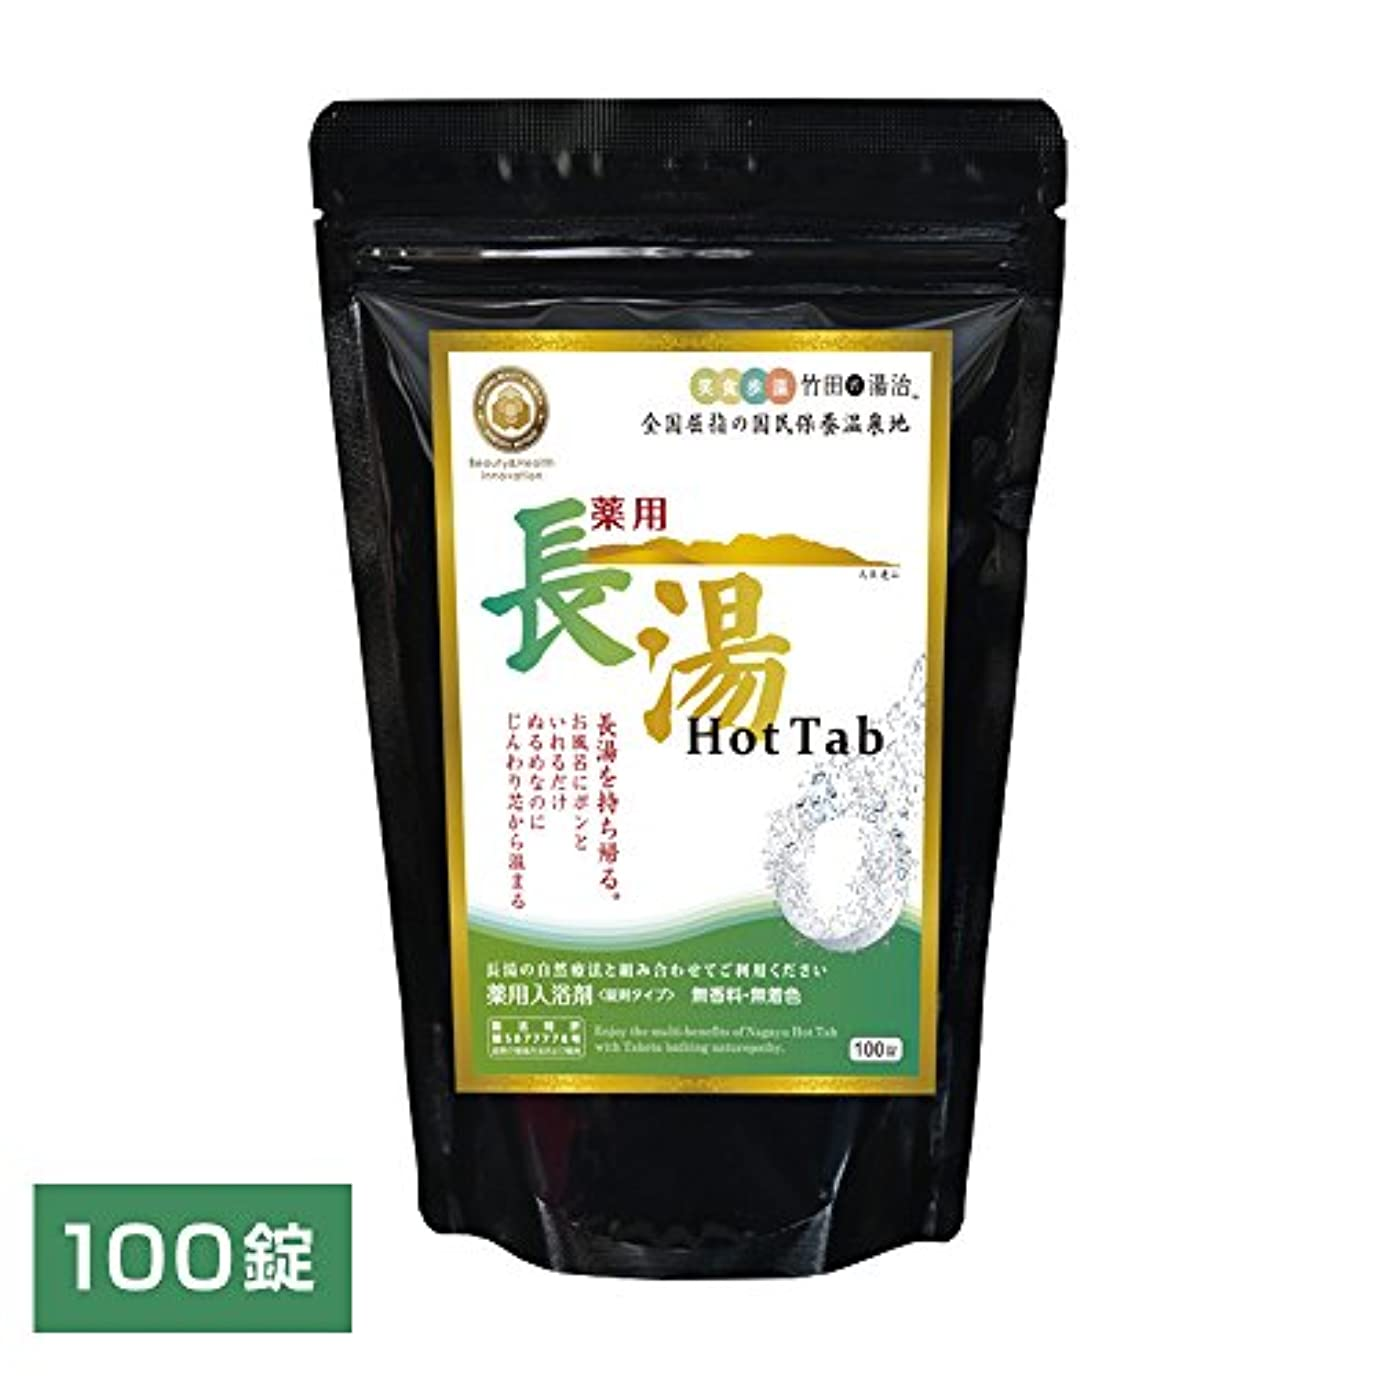 蓋引退したコーヒーHot Tab 重炭酸入浴剤 (医薬部外品) 薬用長湯ホットタブ (皮脂汚れを重炭酸の力で除去 美容健康入浴剤 炭酸泉タブレット) 100錠